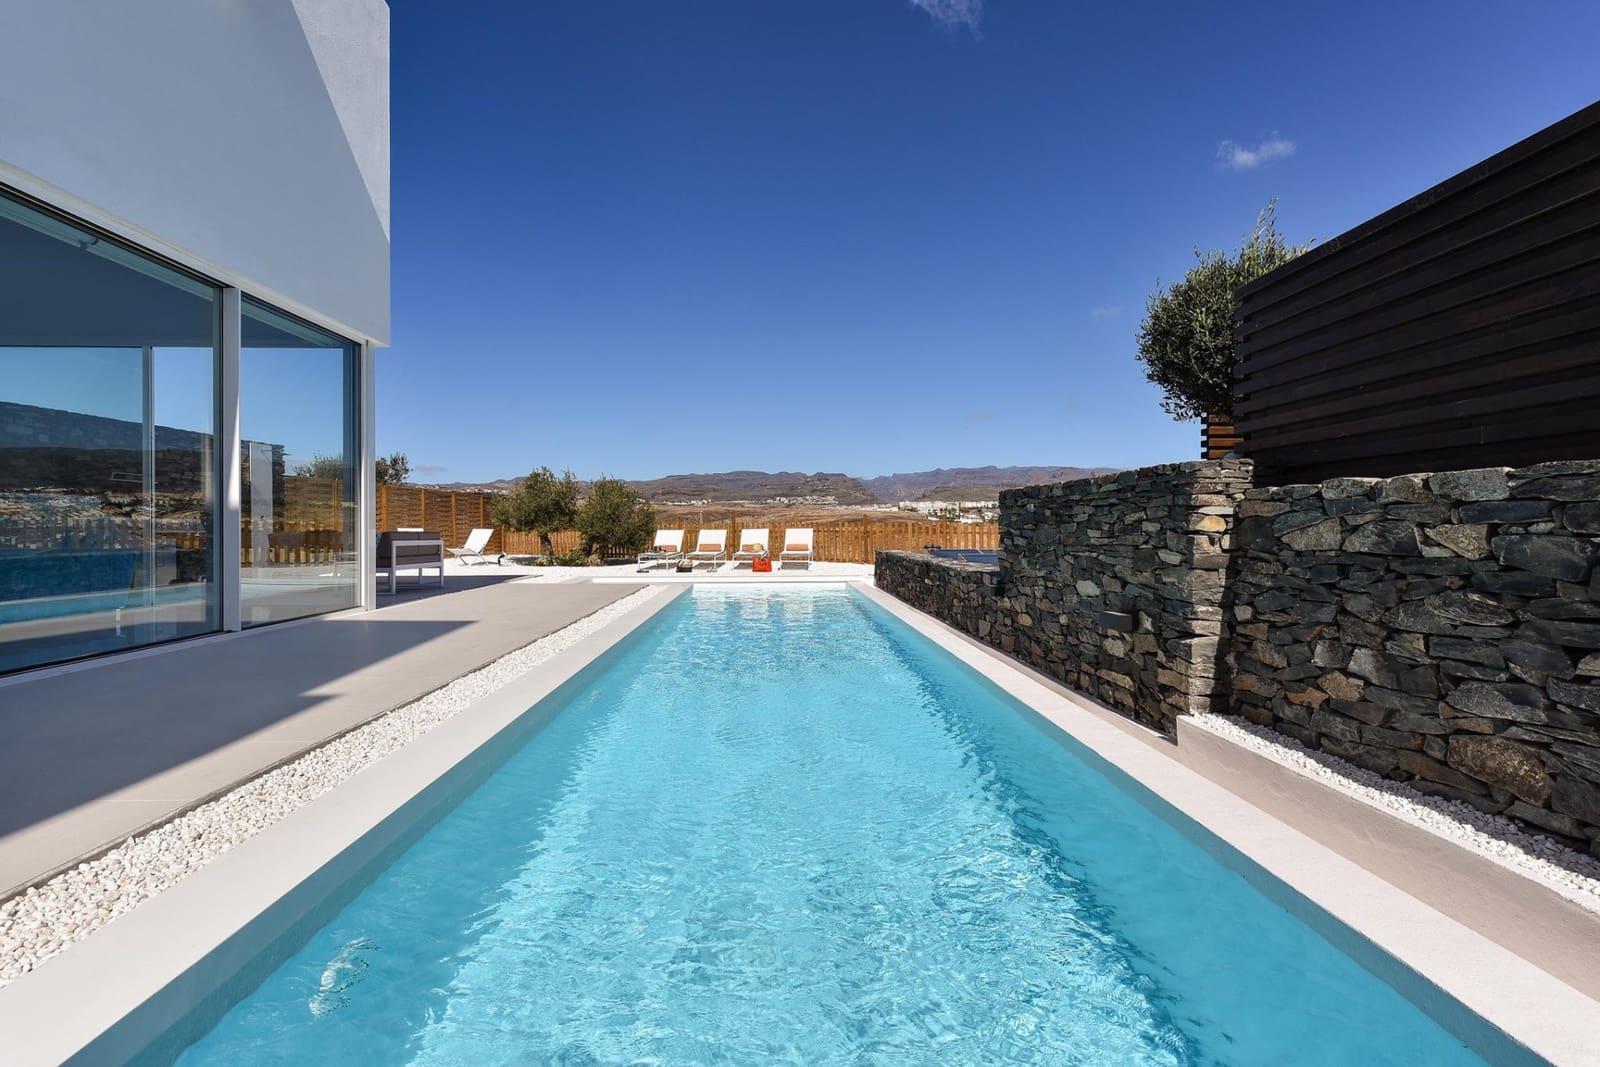 4 bedroom Villa for holiday rental in San Bartolome de Tirajana - € 350 (Ref: 4688844)